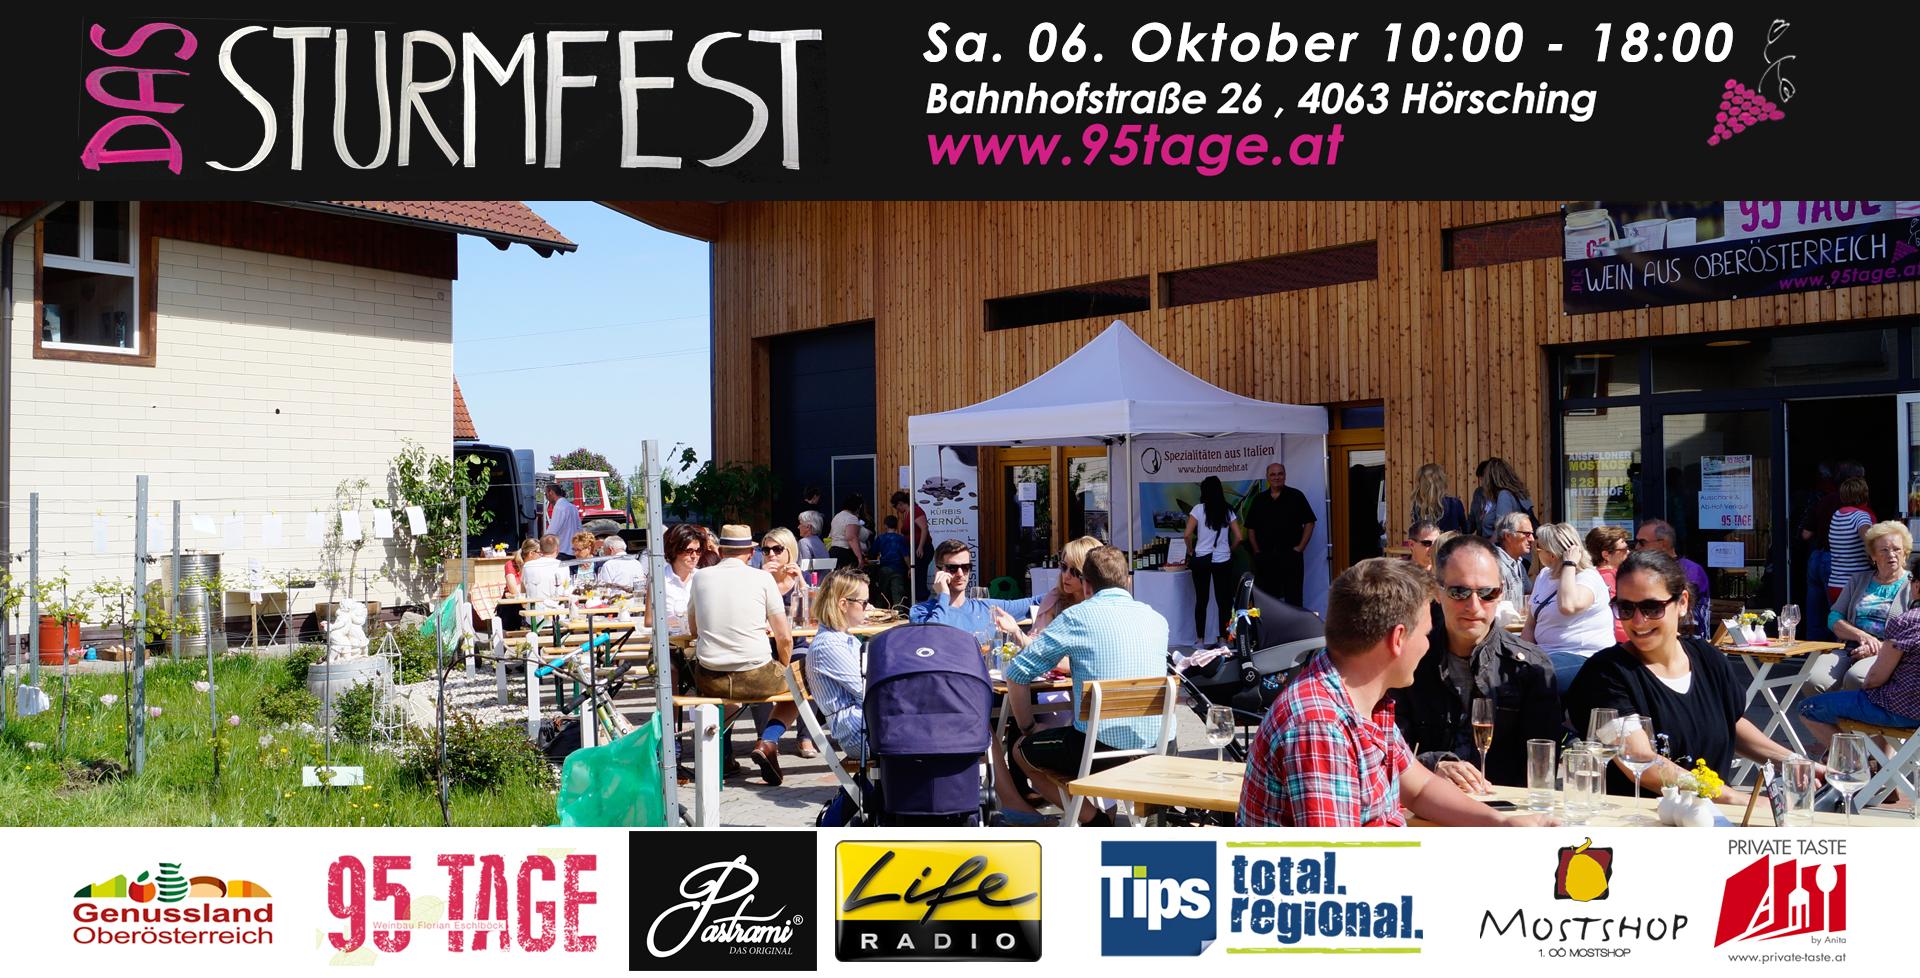 FB-Veranstalltung-das-Hoffest+Programm-1920x978.png